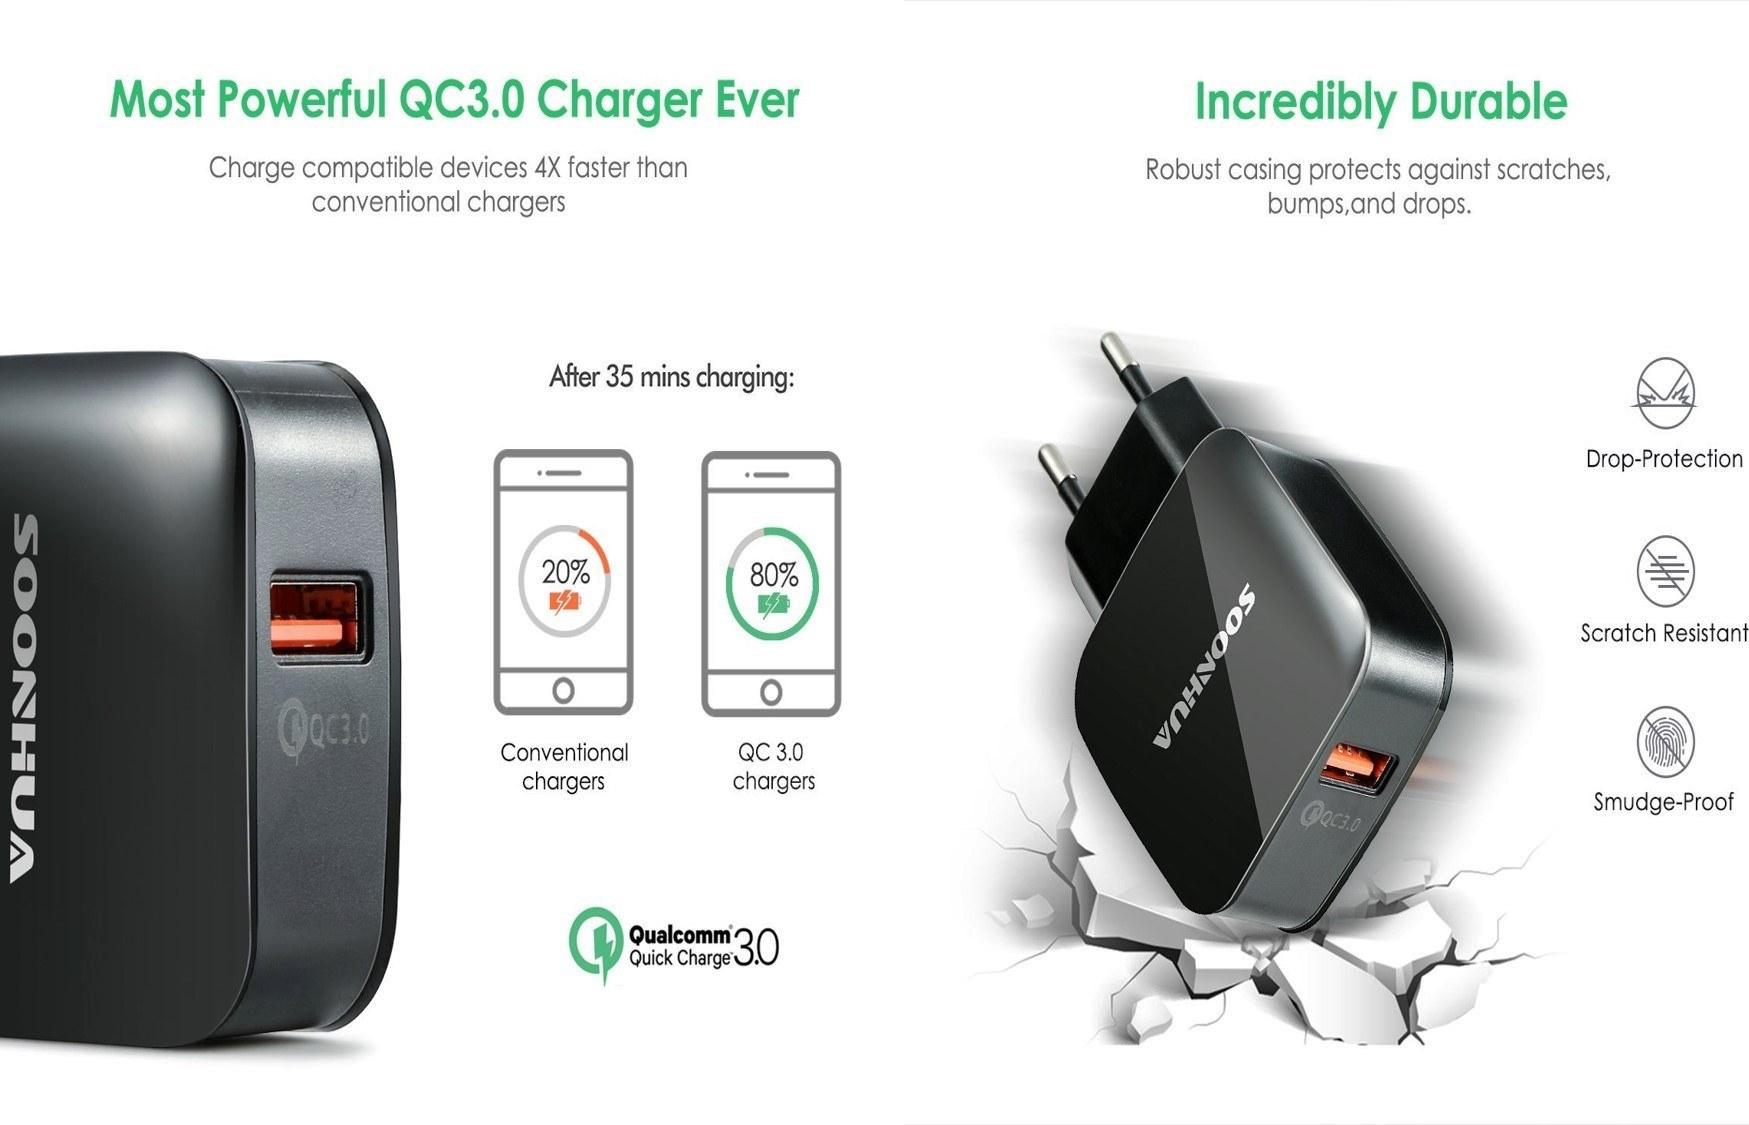 5,9€ από 18€ για γρήγορο Φορτιστή USB 3.0, για 4 ΦΟΡΕΣ πιο γρήγορη φόρτιση του κινητού ή του tablet σας! Ο πιο προηγμένος και γρήγορος φορτιστής δικτύου με Quick Charge 3.0 στην αγορά!